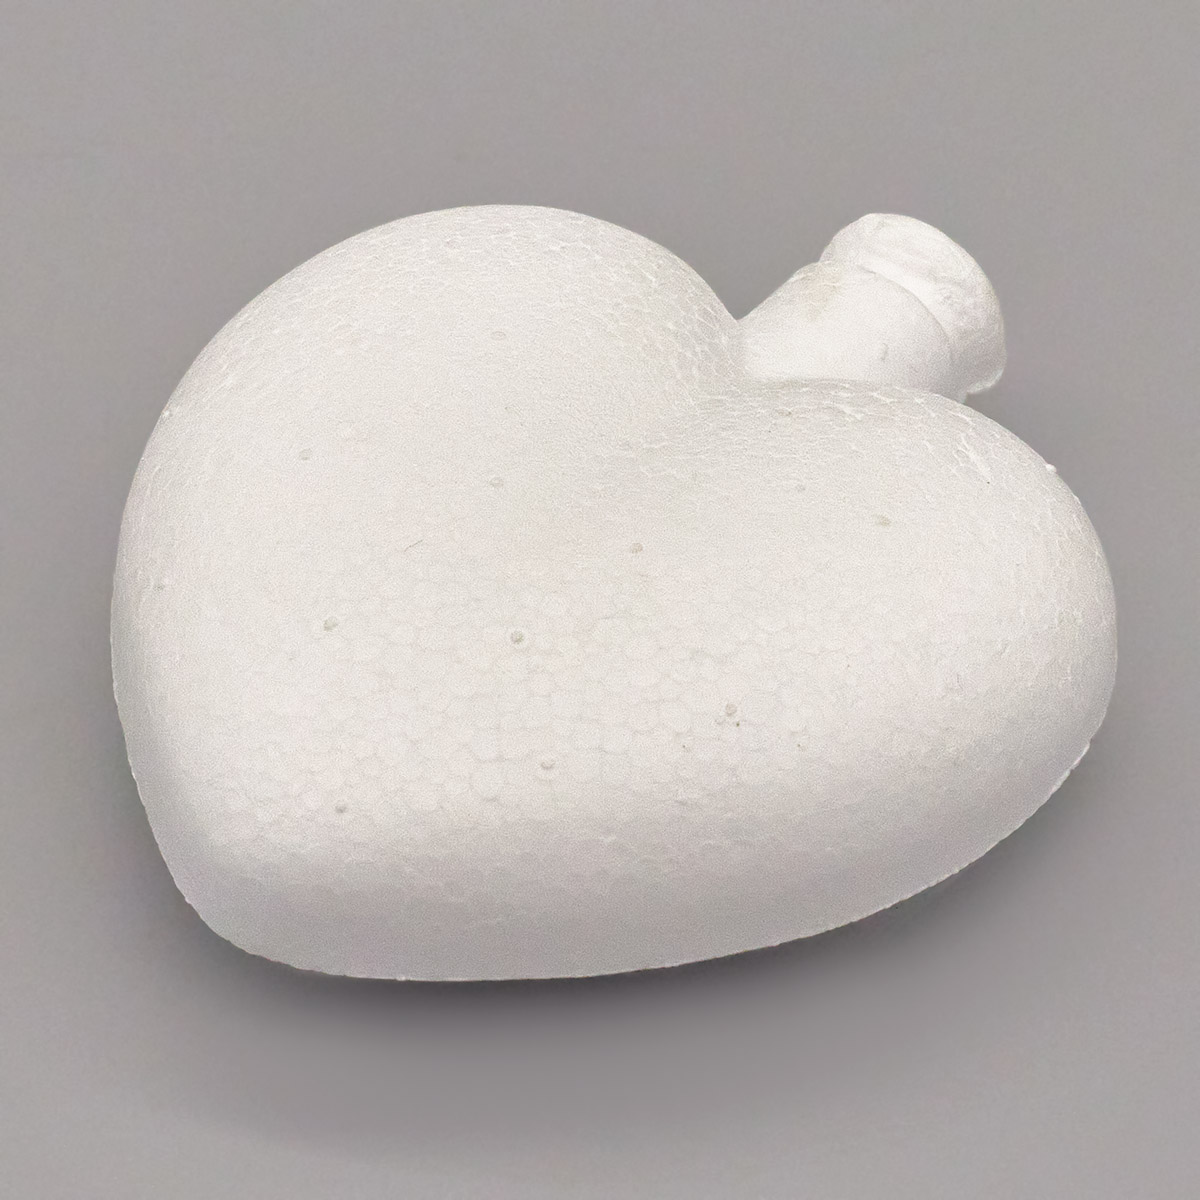 Заготовка для декорирования из пенопласта 'Сердце (подвеска)', h 6,5*6см